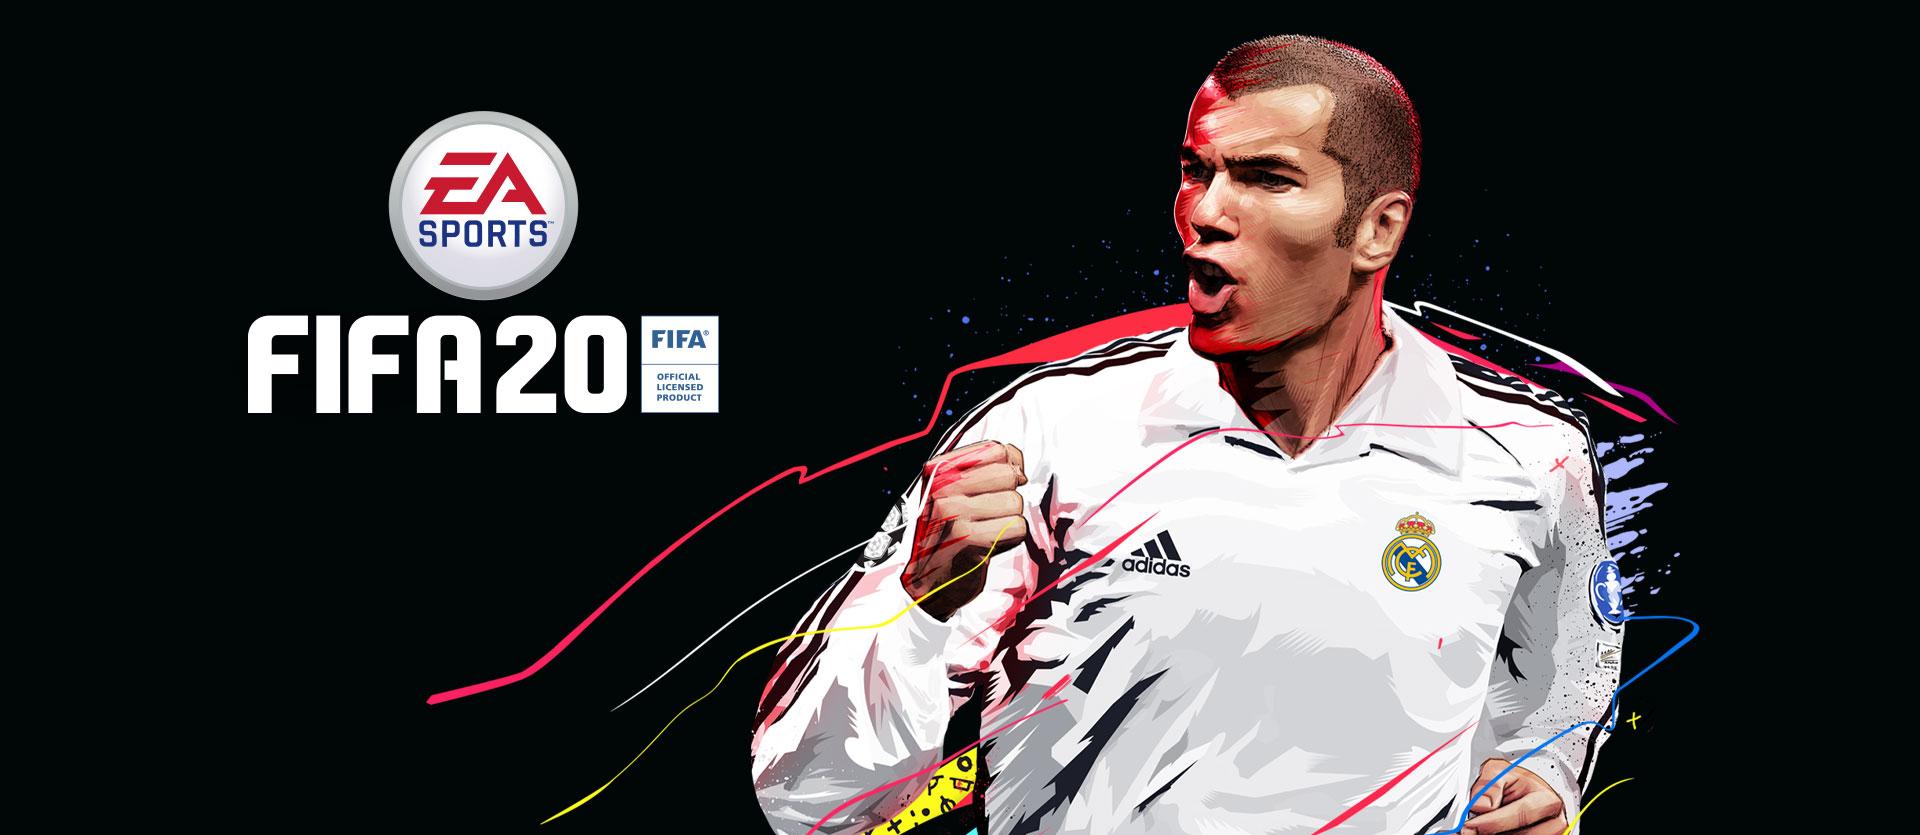 Como completar os objetivos de Raúl Jiménez e Ayoze Pérez da TOTSSF no FIFA 20 Ultimate Team